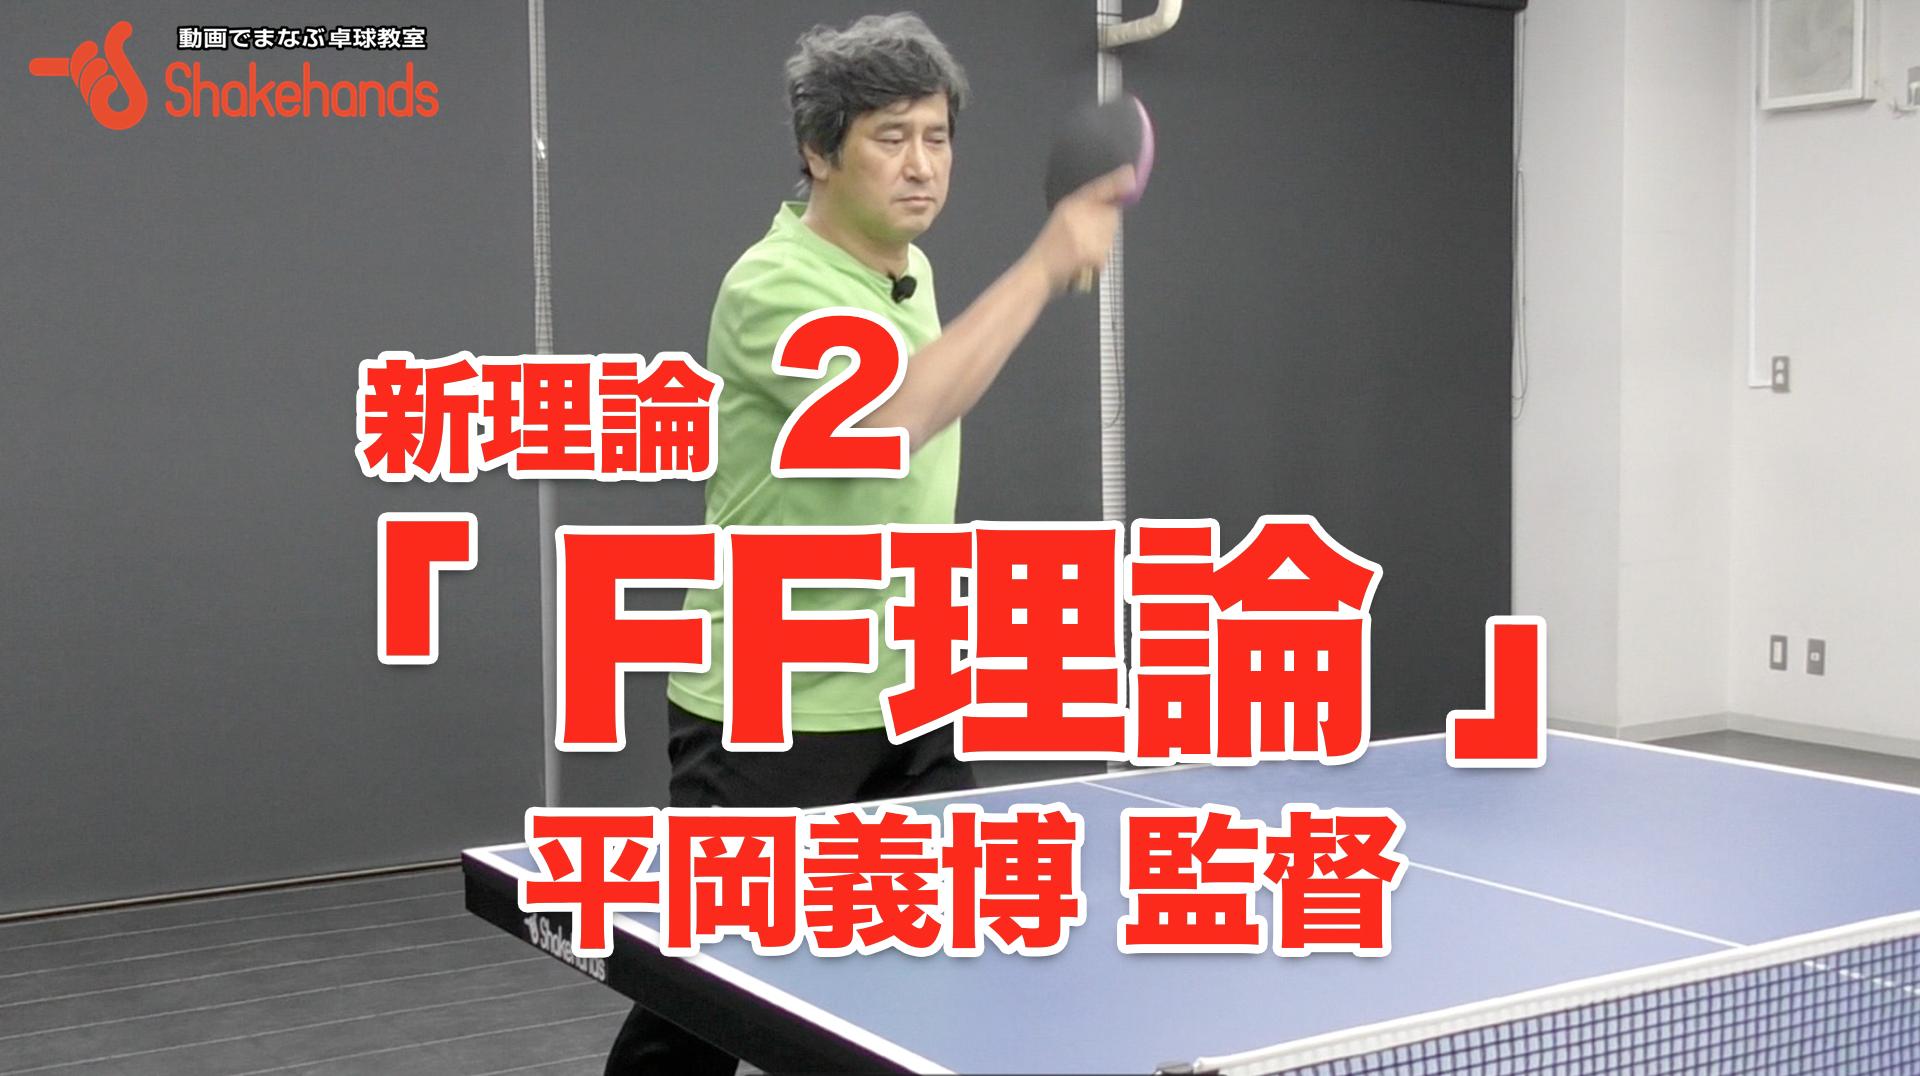 平岡義博【FF理論】早く、強いボールの打ち方 ぜひ試し!